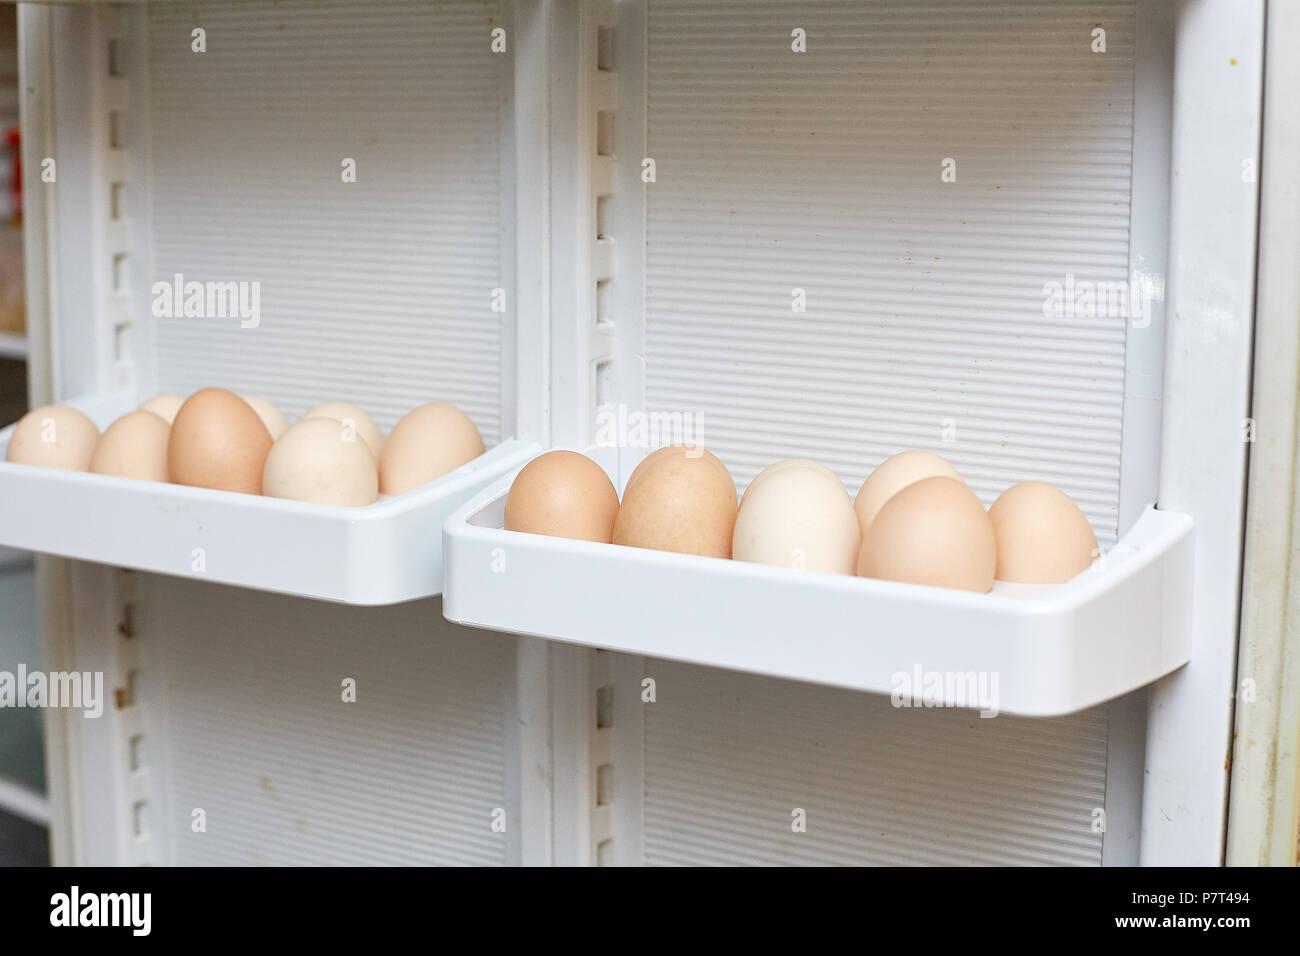 Kühlschrank Ei : Eier im kühlschrank deshalb gehören eier nicht in die kühlschranktür